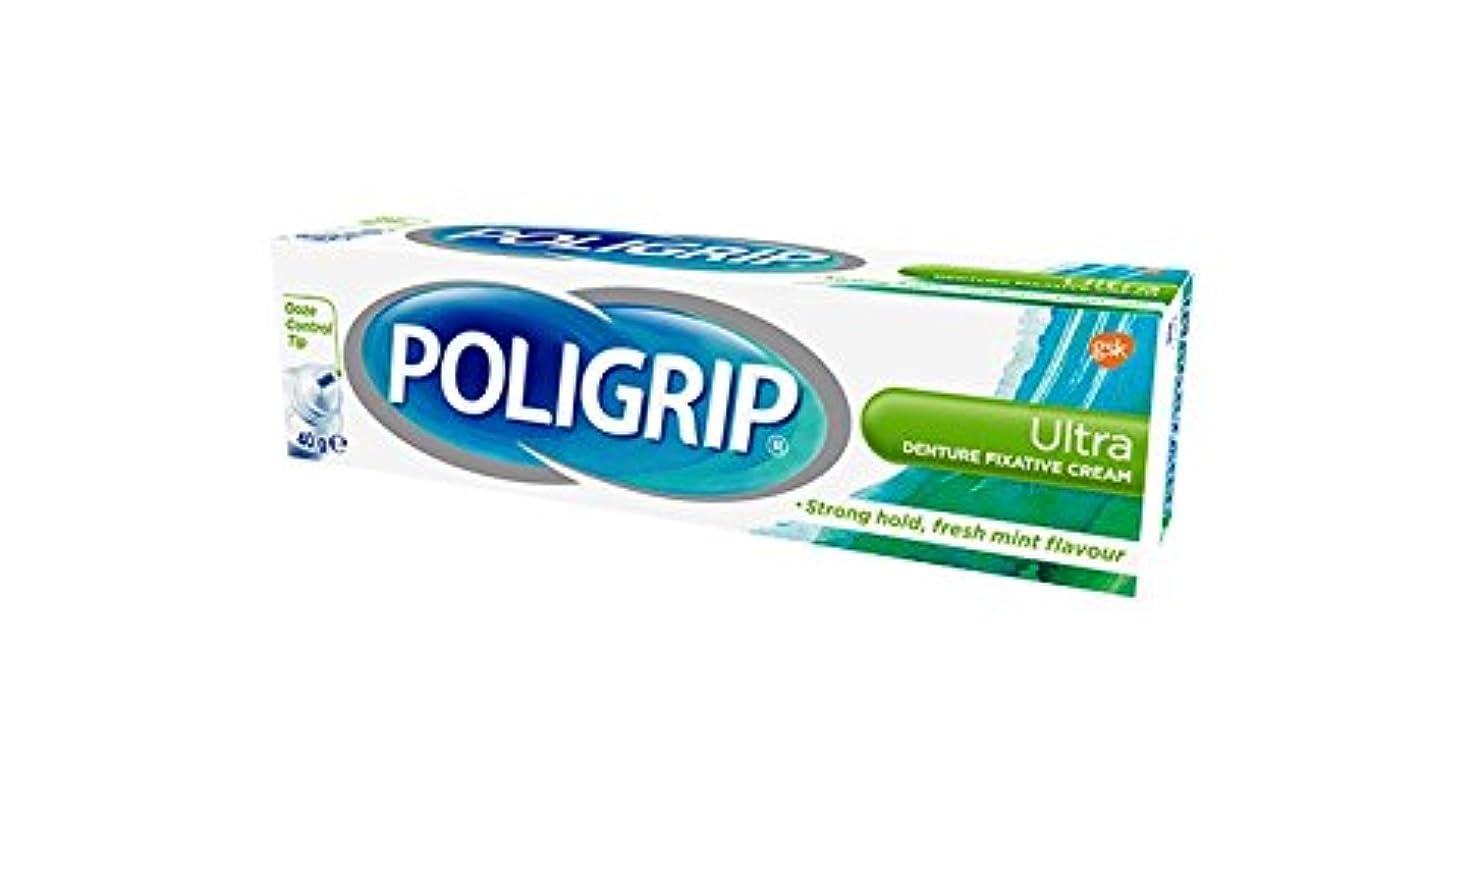 障害者仲良し反応するPoligrip Denture Fixative Cream Ultra Mint (40g) Poligripの義歯固定剤クリームウルトラミント( 40グラム)